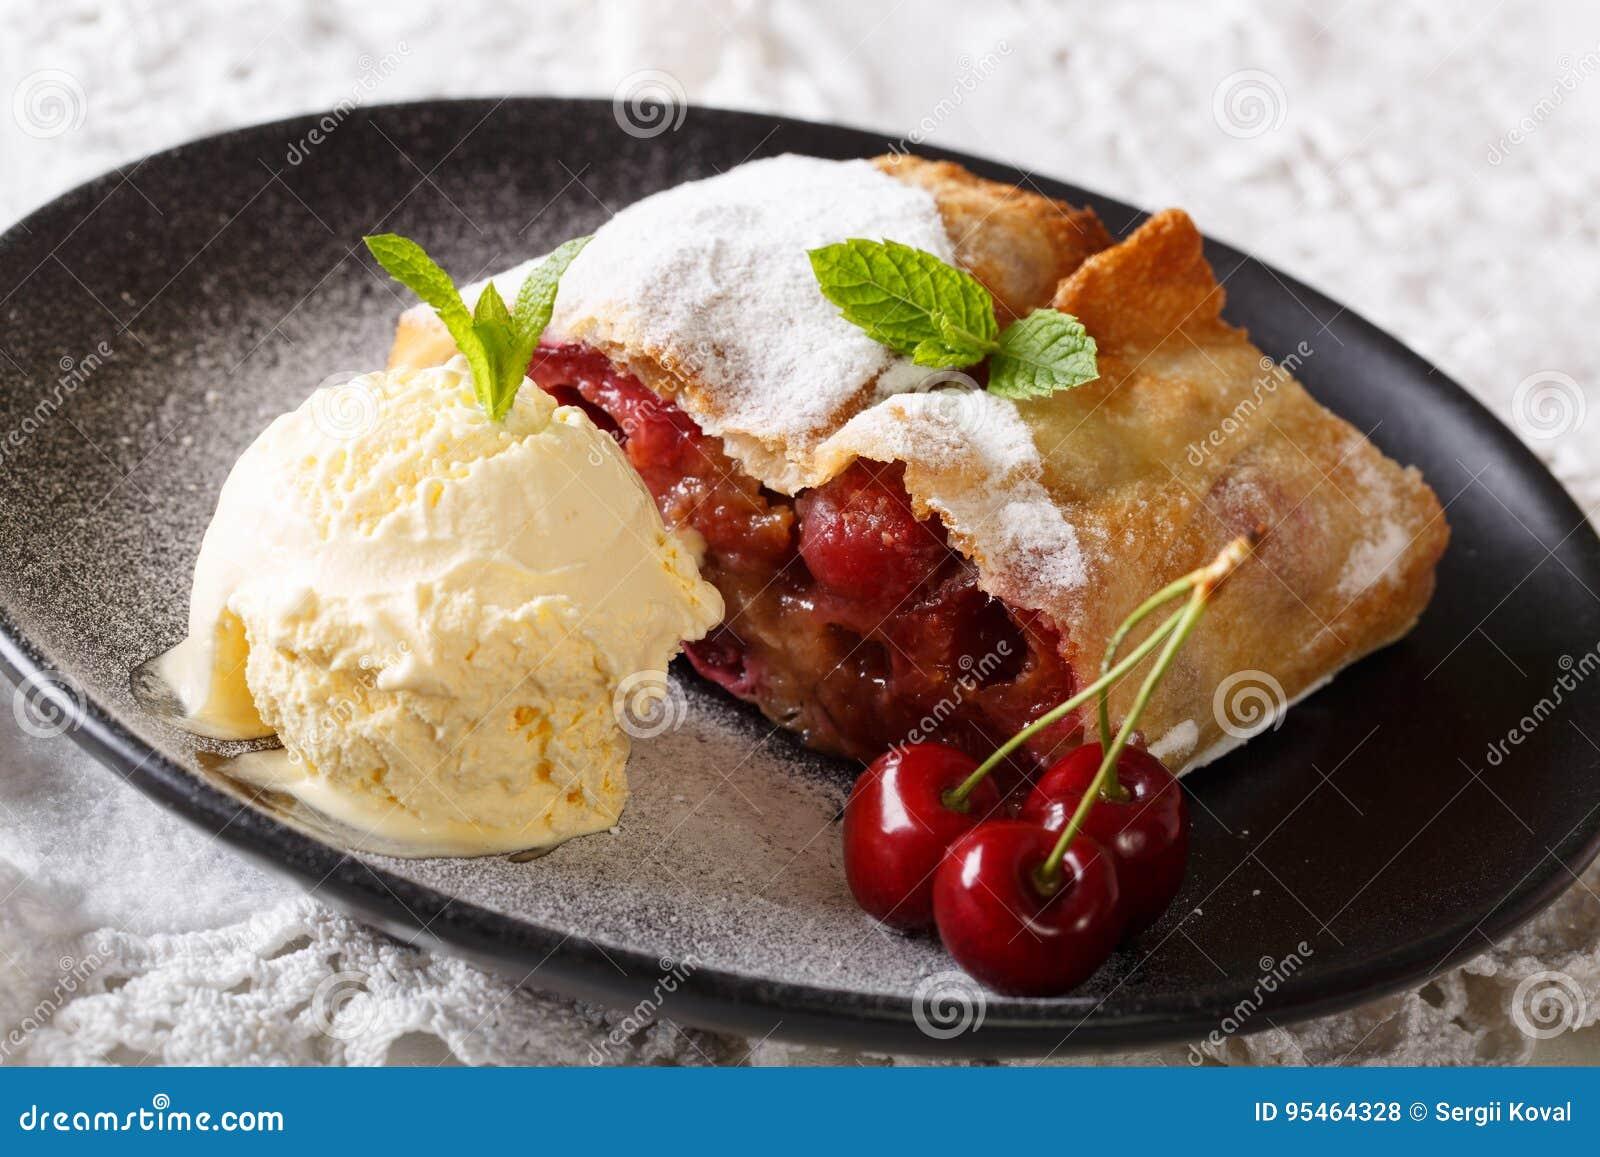 Österreich Küche | Osterreichische Kuche Kirschstrudel Mit Vanilleeisnahaufnahme